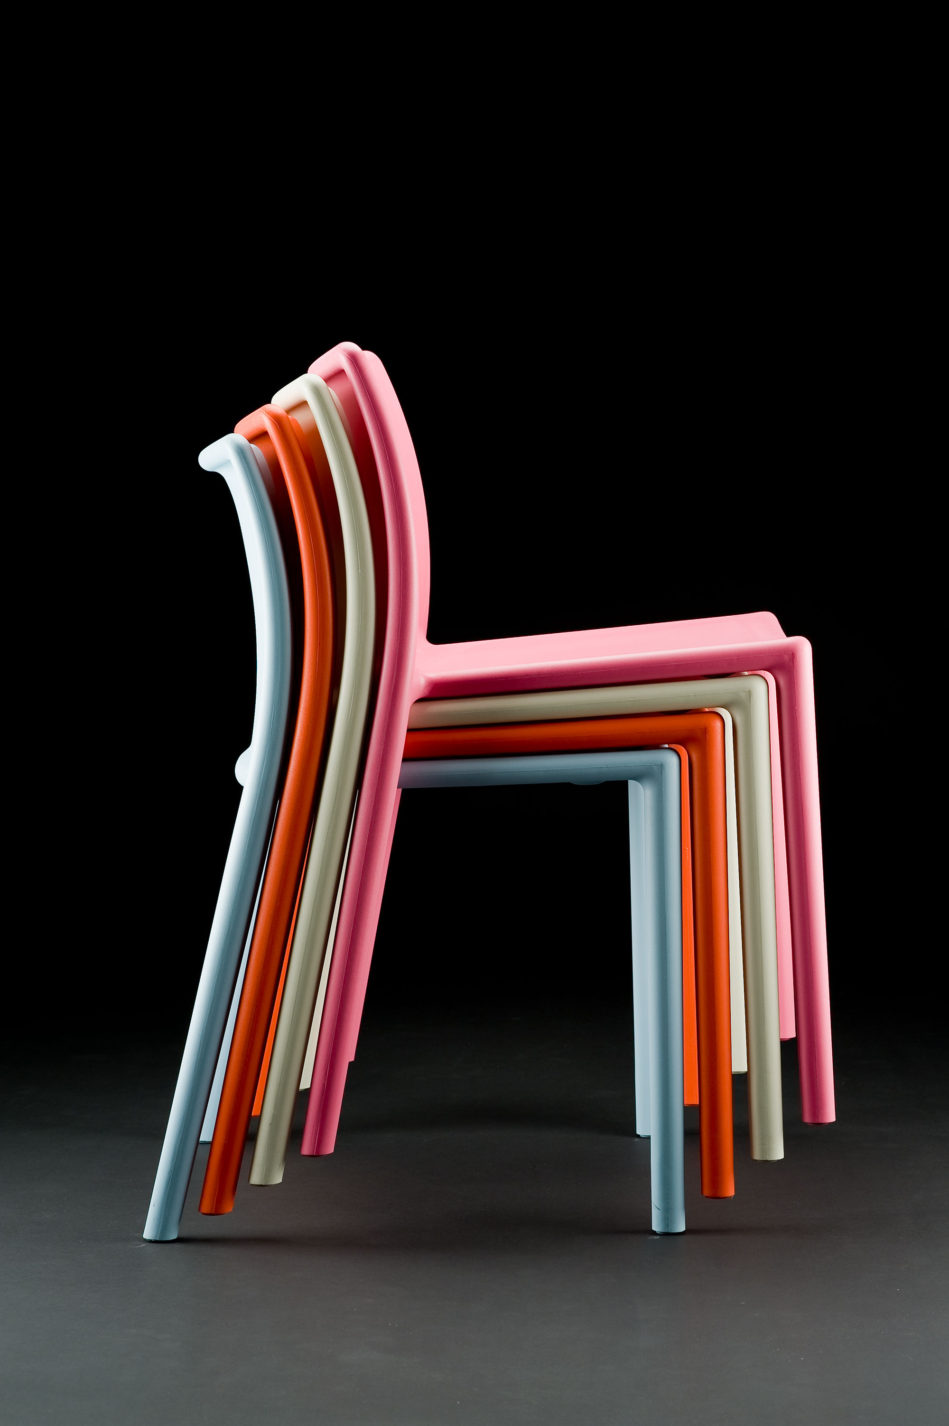 Quatre chaises de plastique empilées aux couleurs différentes: blanc, rose, bleu pâle et orange.